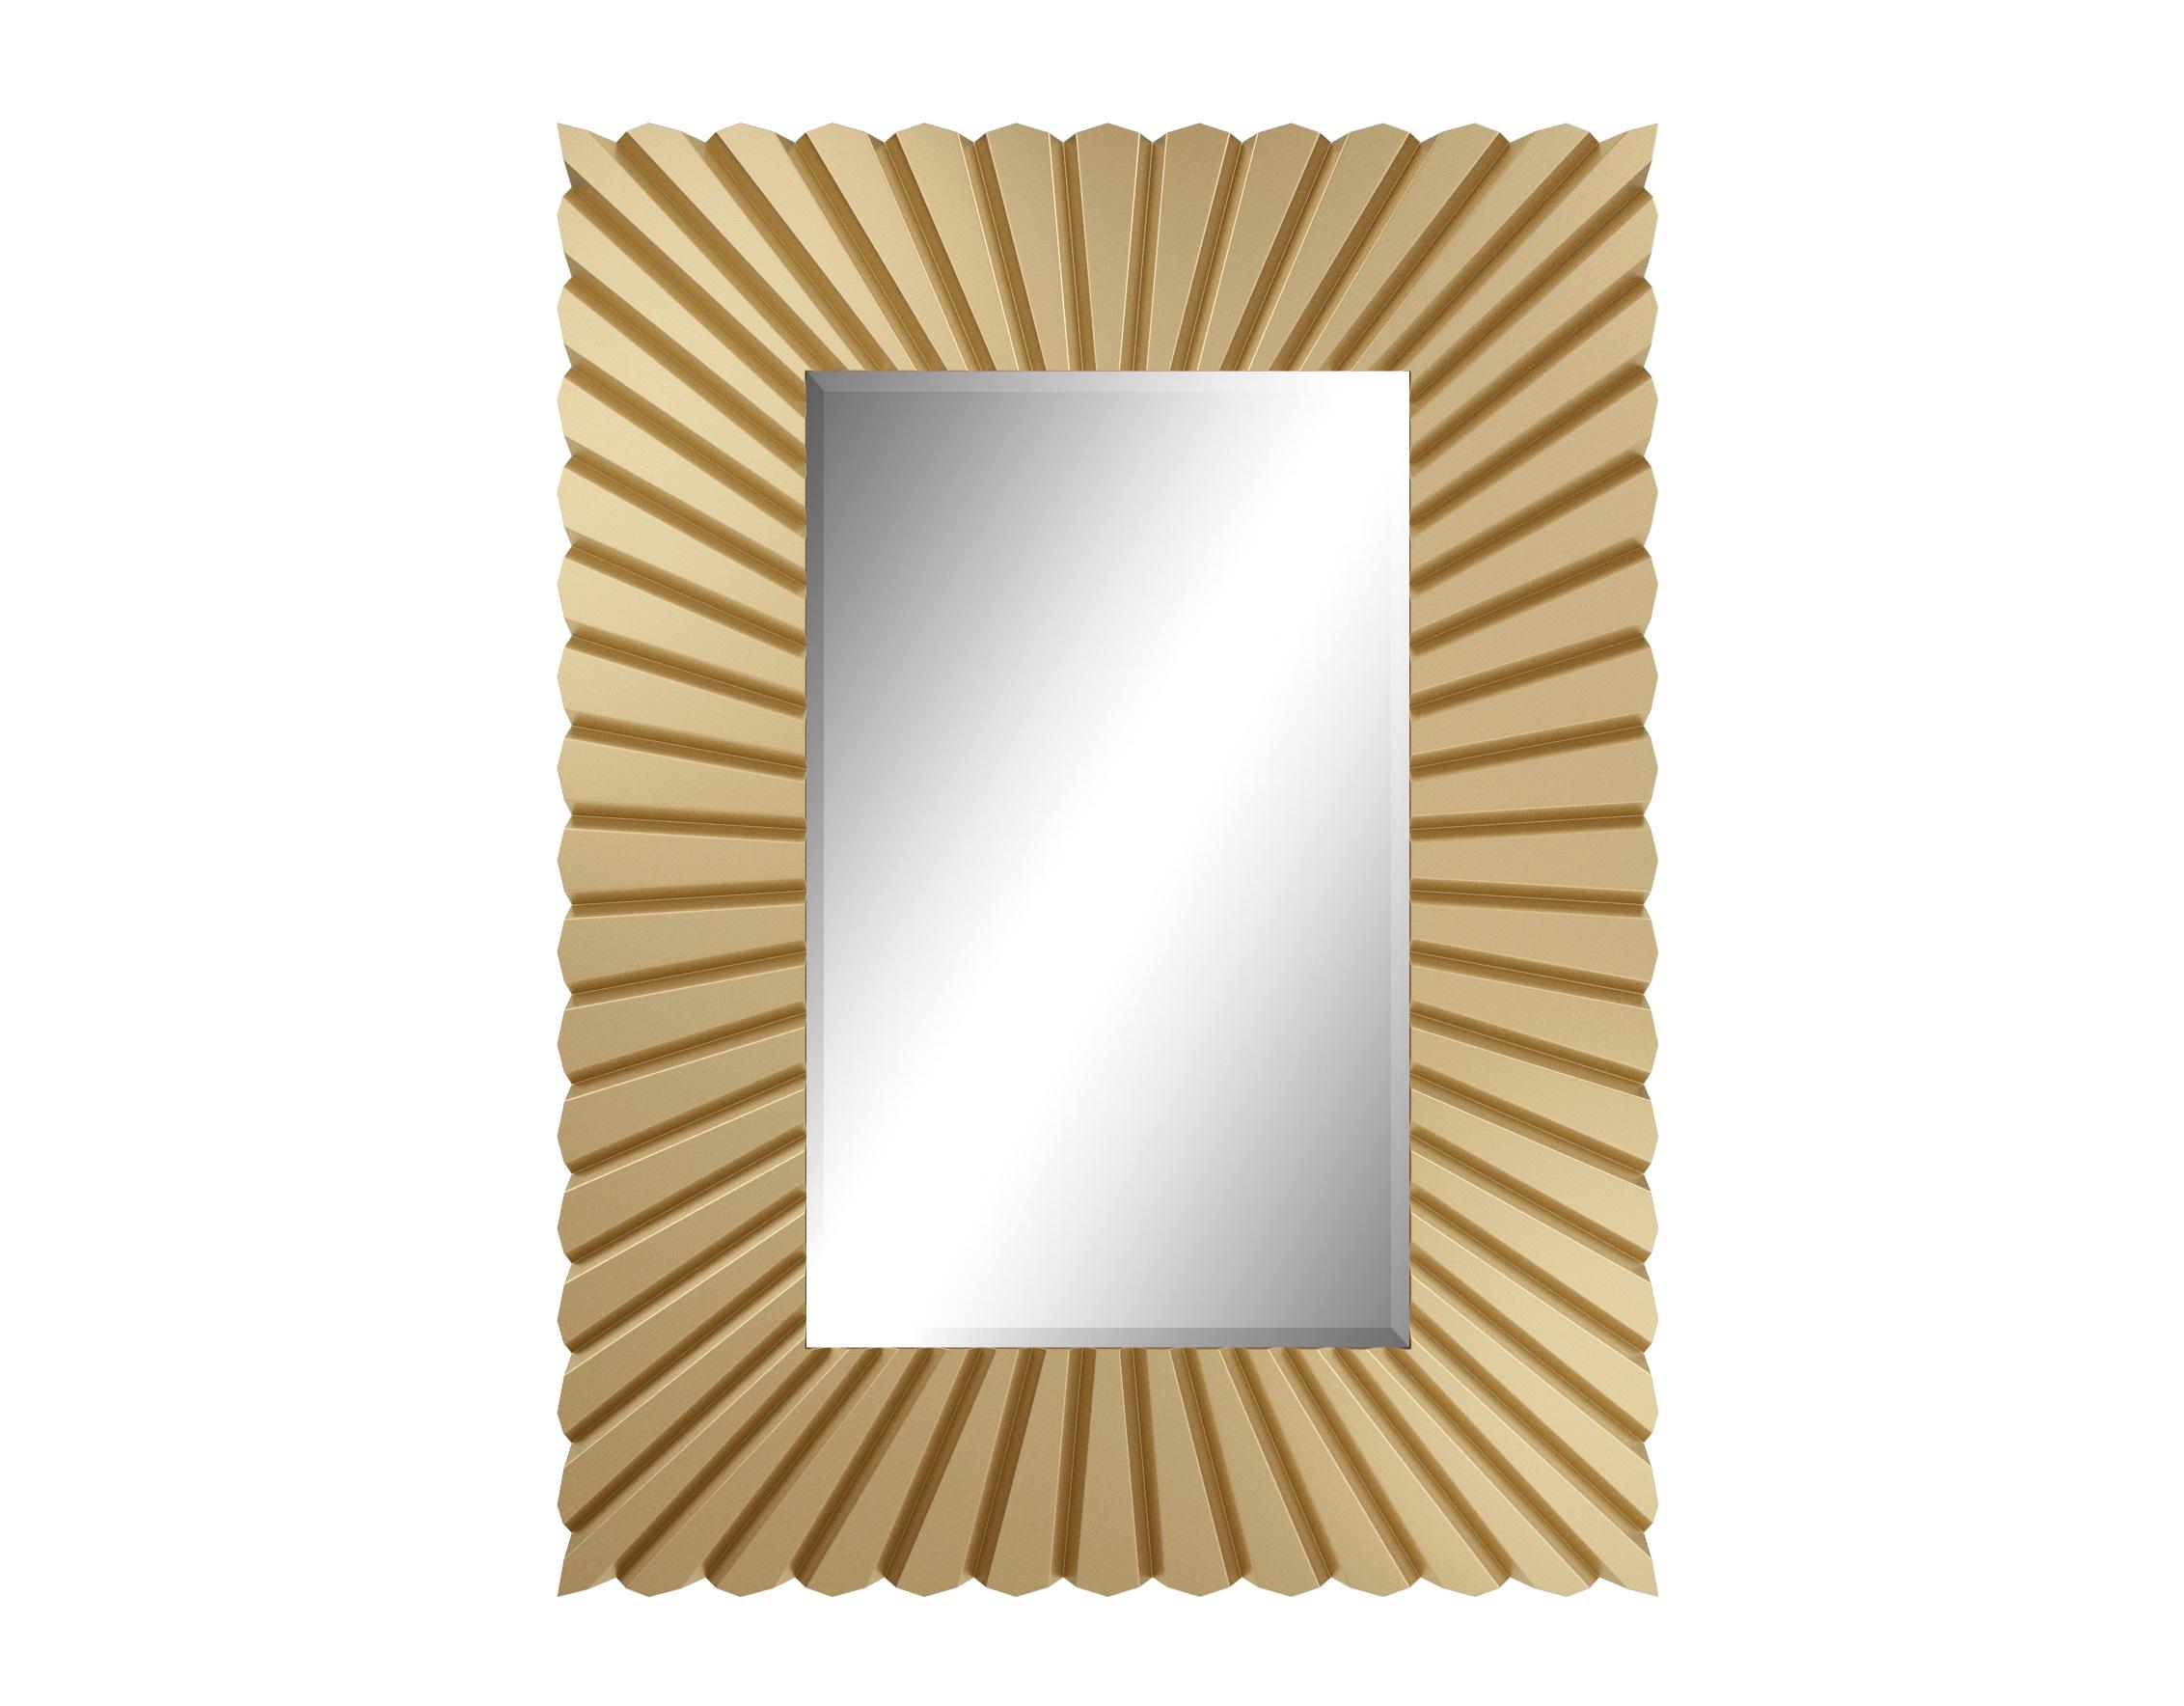 Зеркало Ambicioni 15437945 от thefurnish